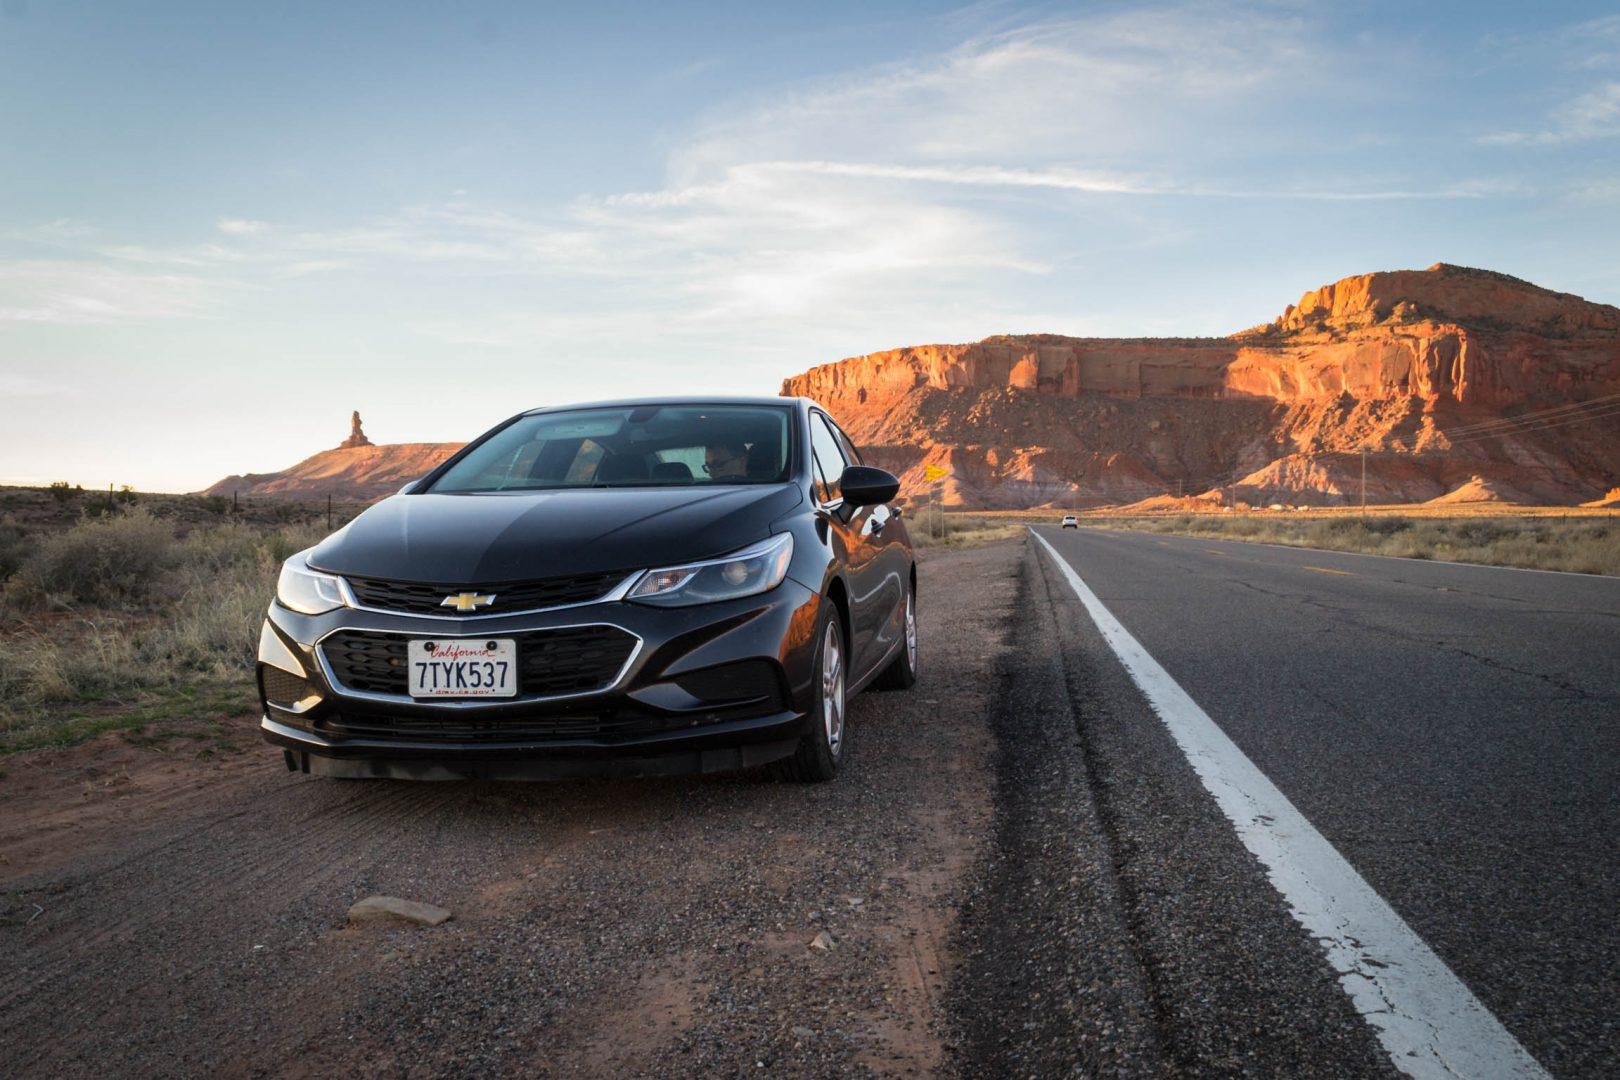 Notre belle Chevrolet Cruze sur les routes de Monument Valley